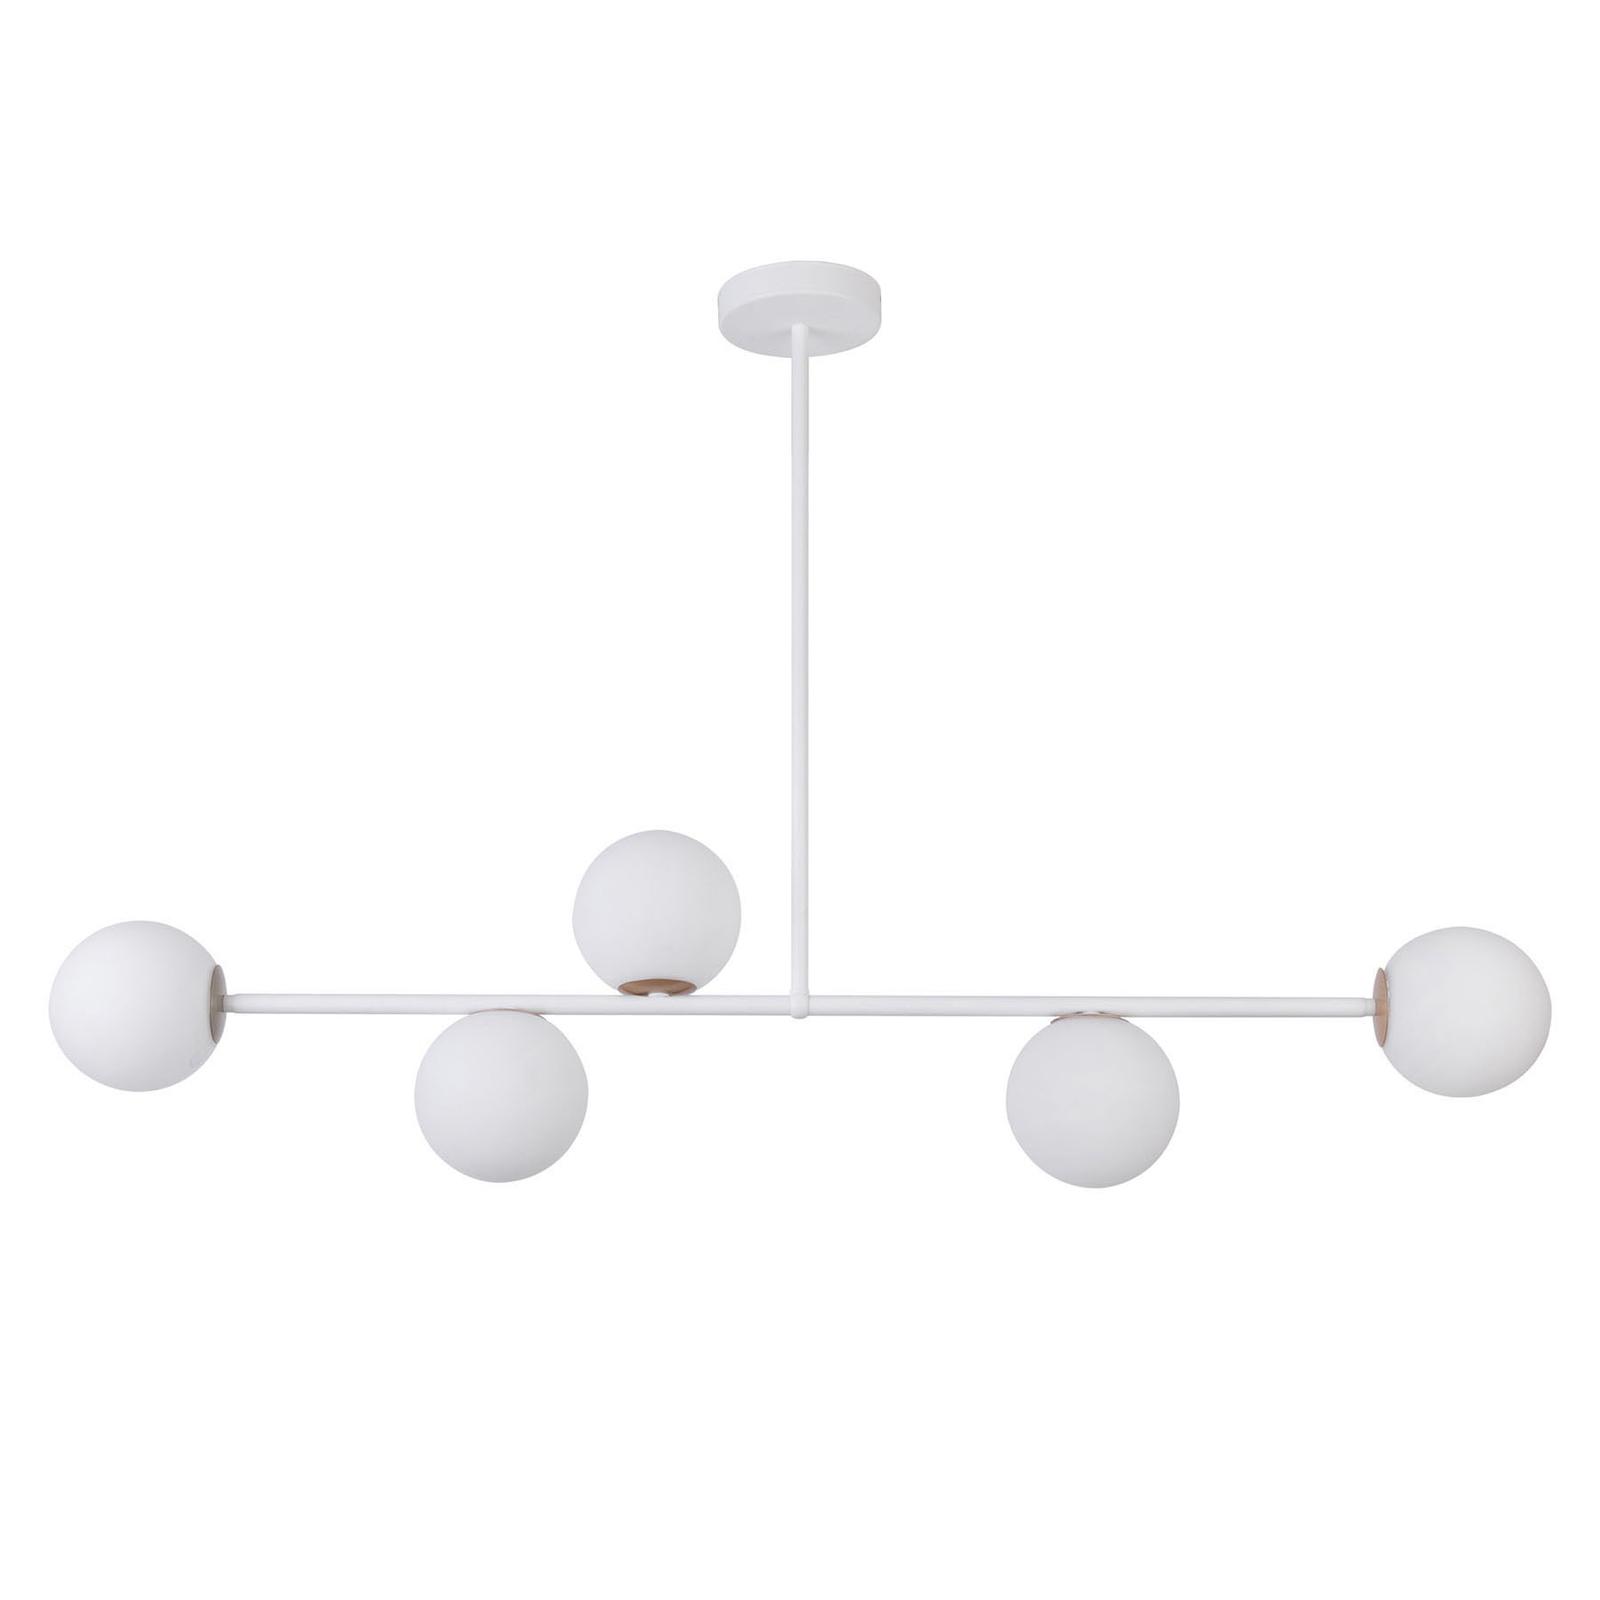 Gama 5 hængelampe, 5 lyskilder, hvid